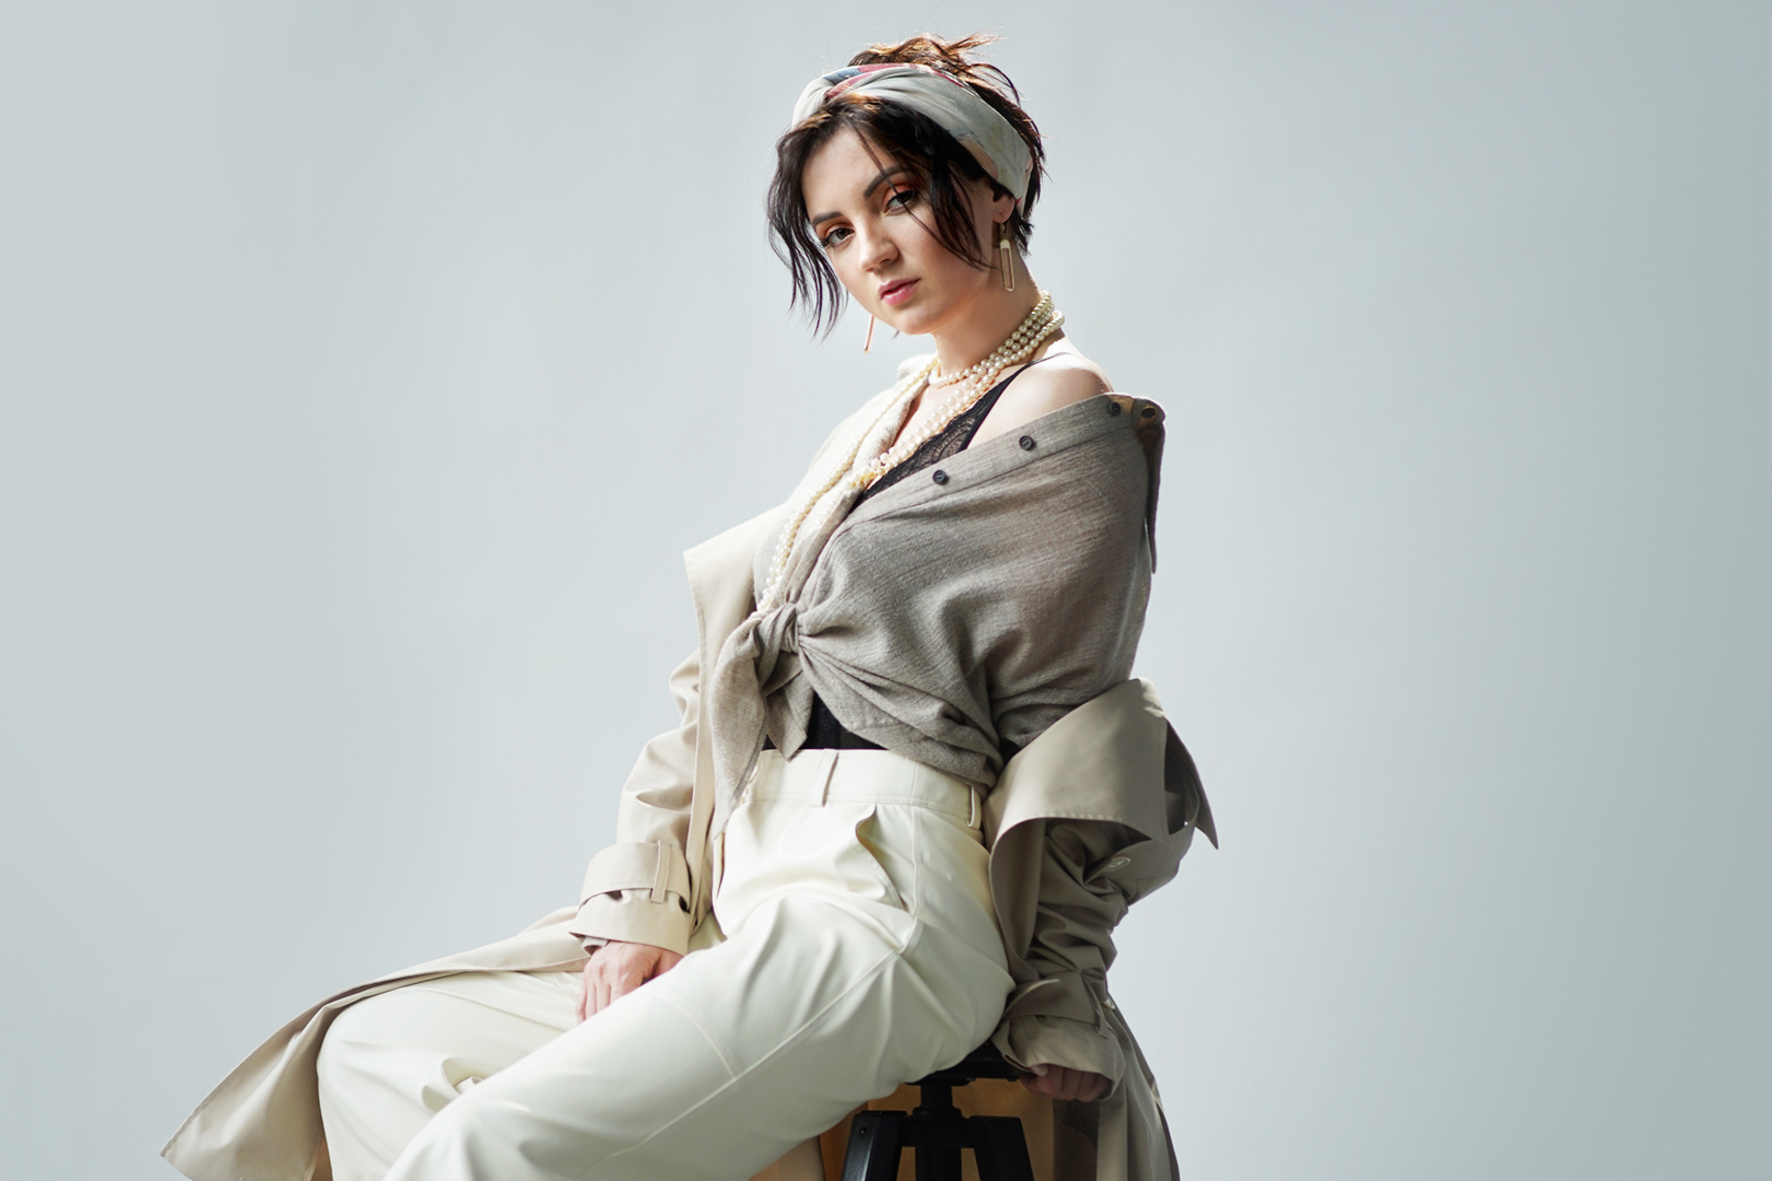 Оля Цибульська випустила кліп з архівними кадрами, які приховувала всю кар'єру